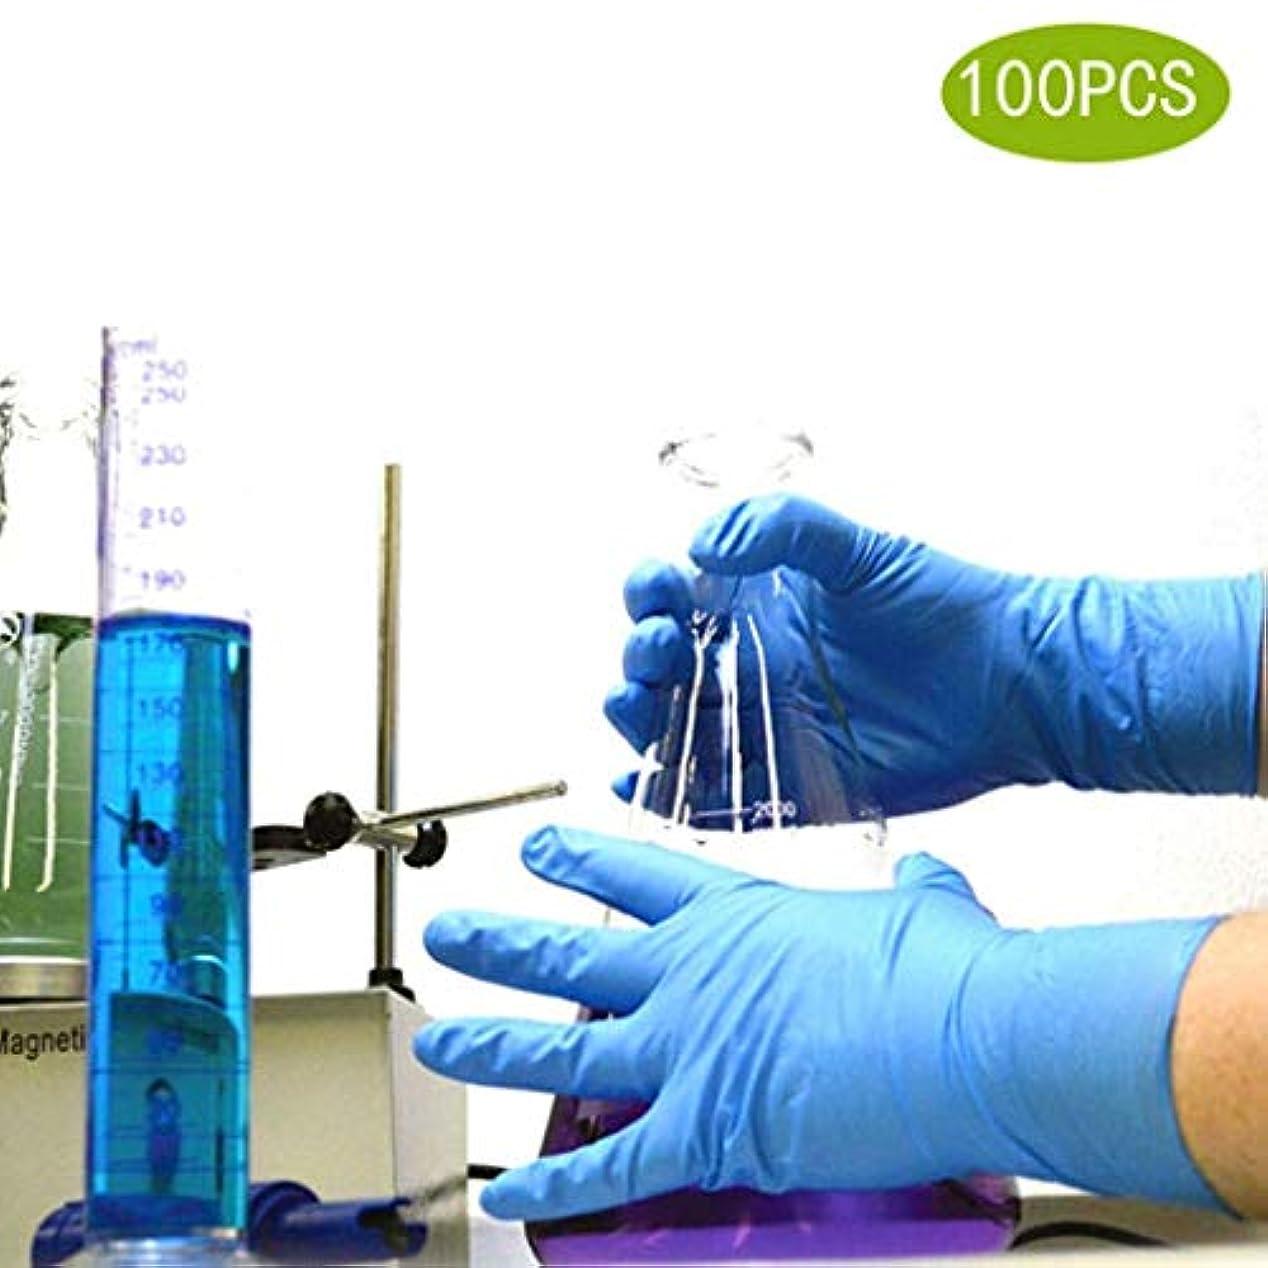 類推髄ご覧くださいパウダーフリーニトリル検査用使い捨て手袋 - 医療用グレード、ラテックスフリー、4ミル、小、藍、100個入り (サイズ さいず : M m)